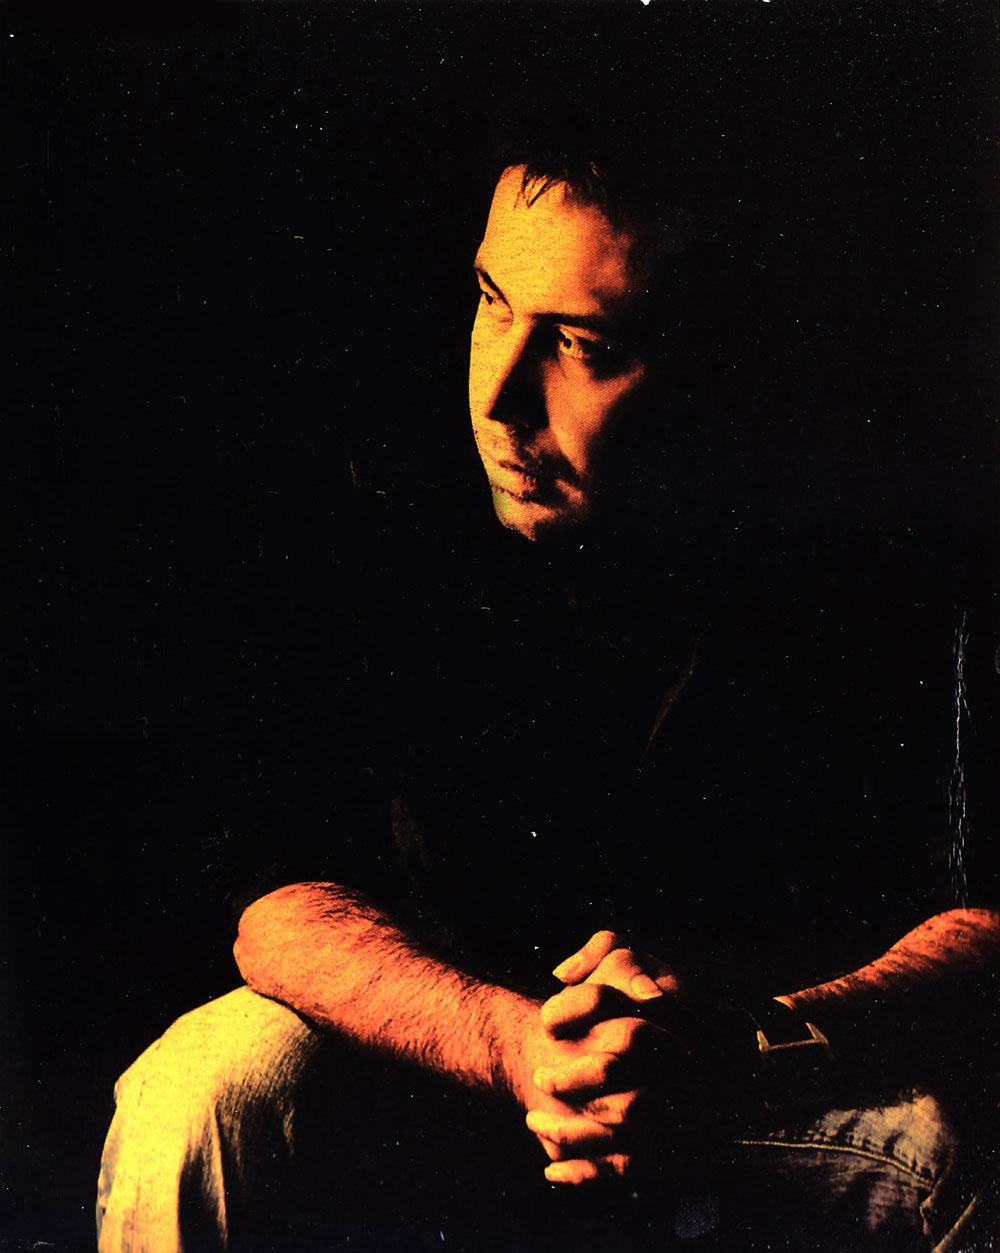 دانلود آلبوم جدید محسن چاوشی به نام سنتوری